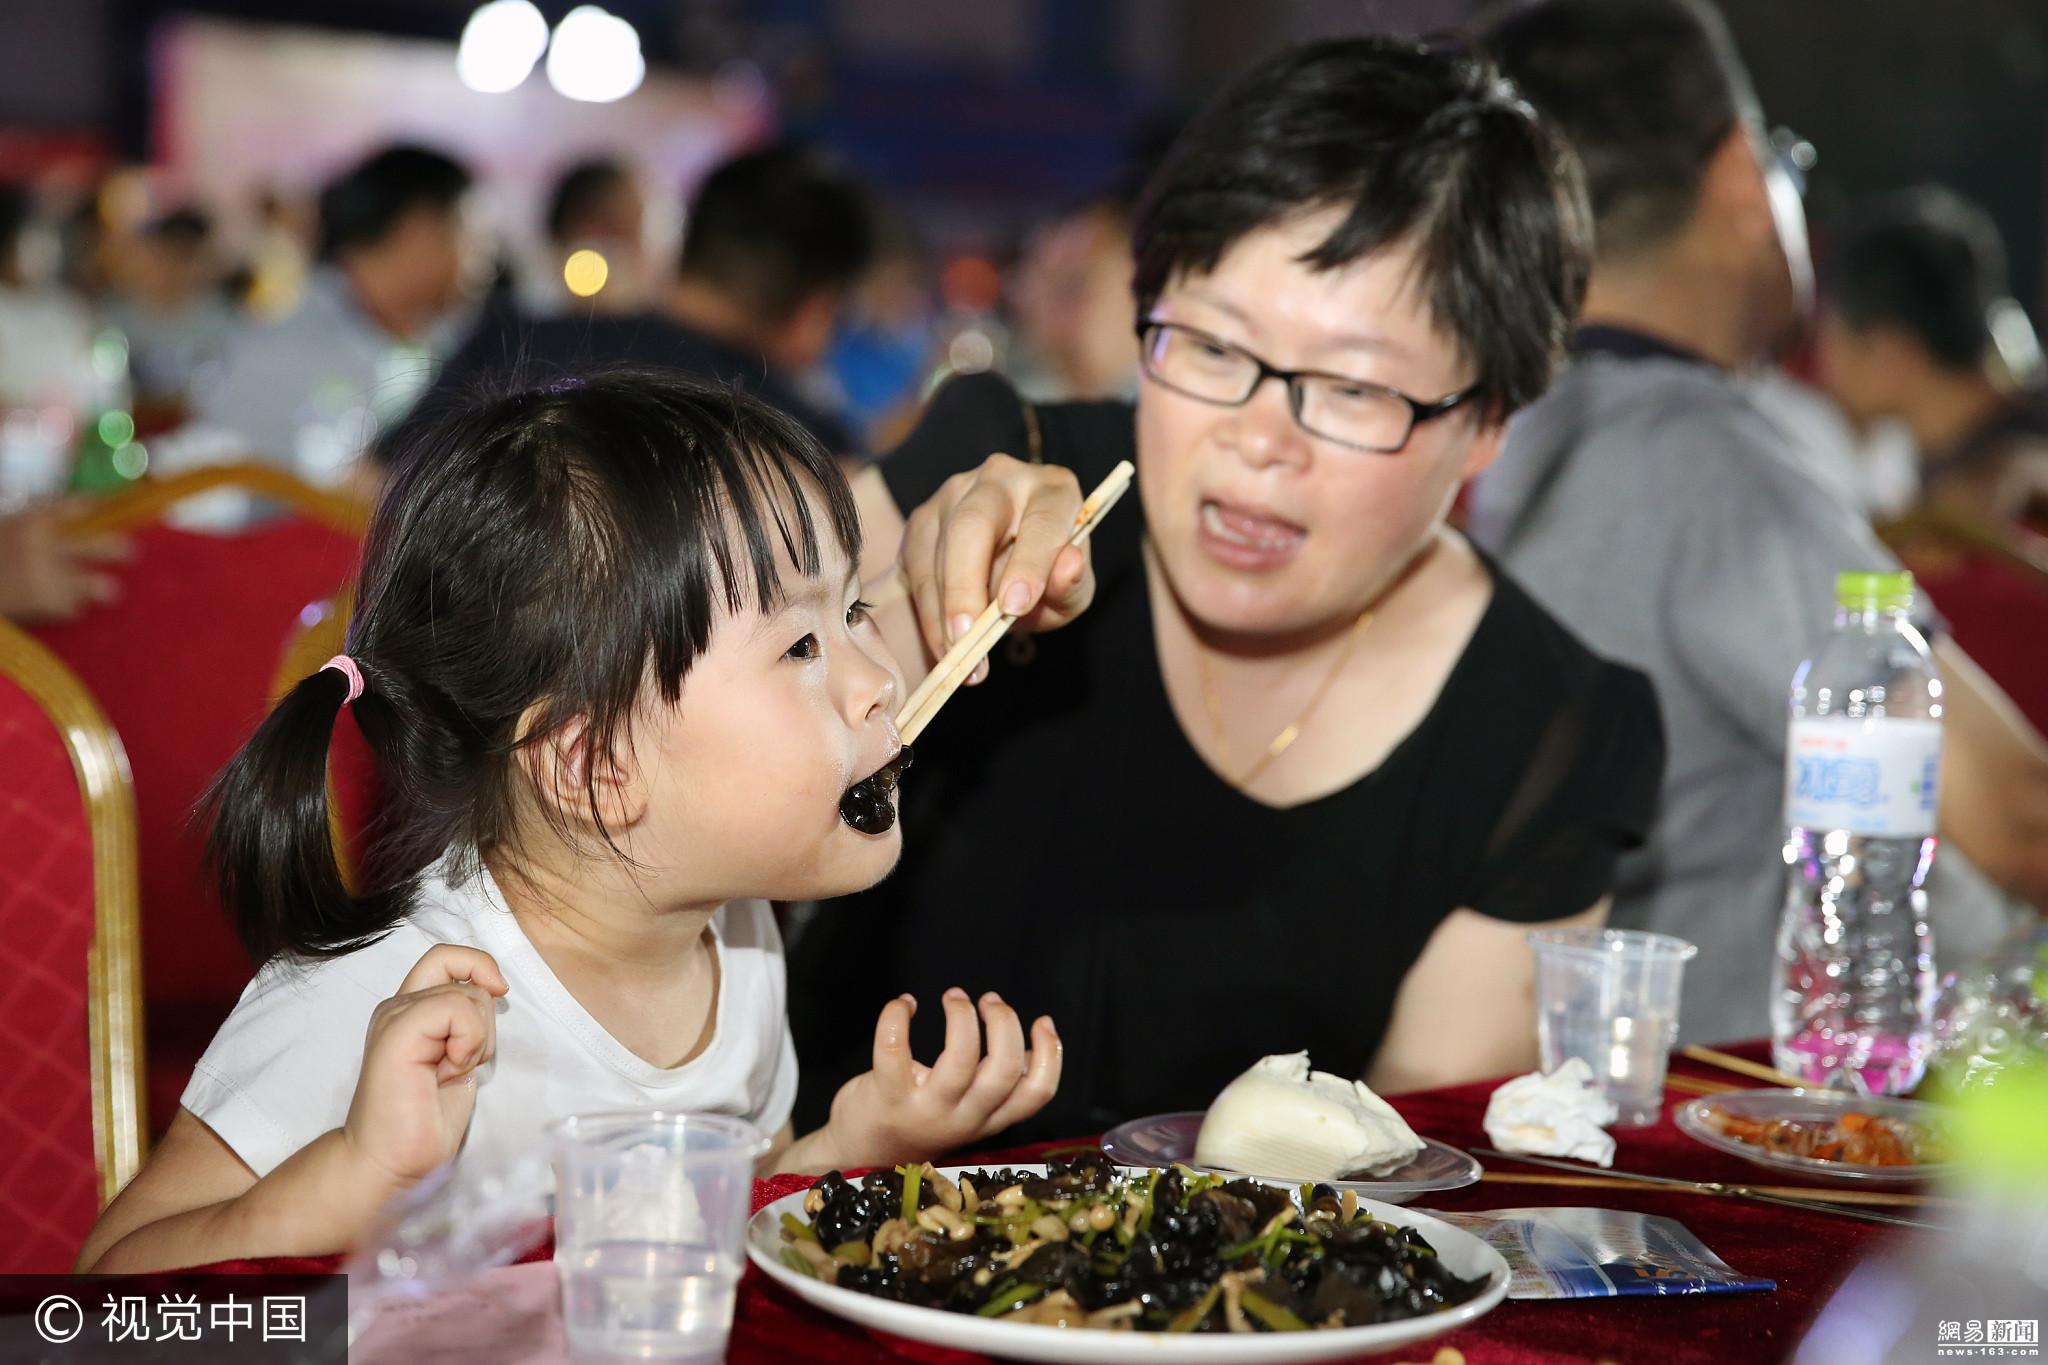 山东700余人广场共享百家宴 场面壮观 - 周公乐 - xinhua8848 的博客